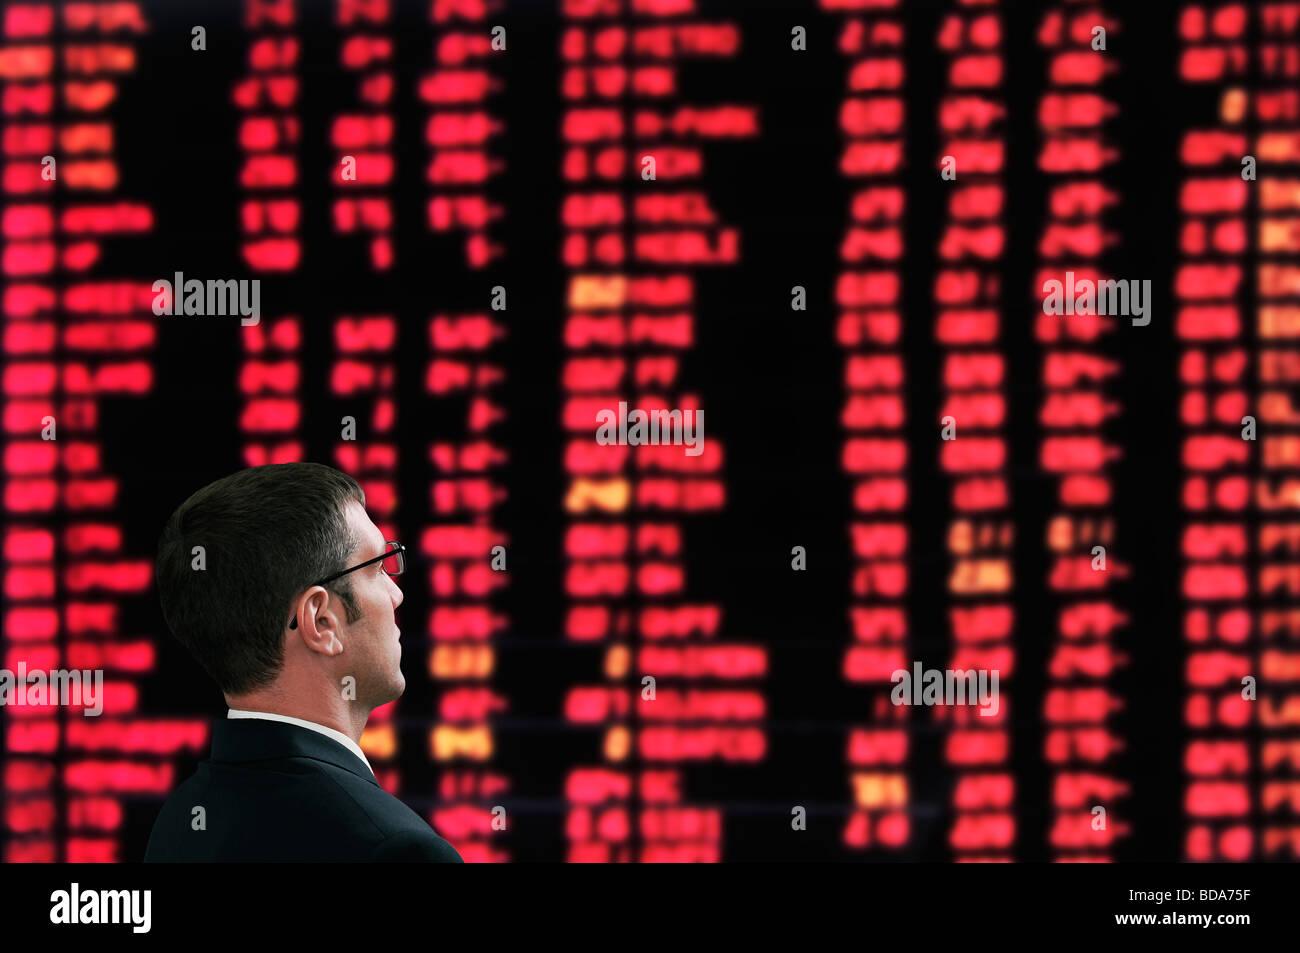 Corredor de bolsa en frente de una pantalla que muestra los precios de mercado en una bolsa de valores Foto de stock